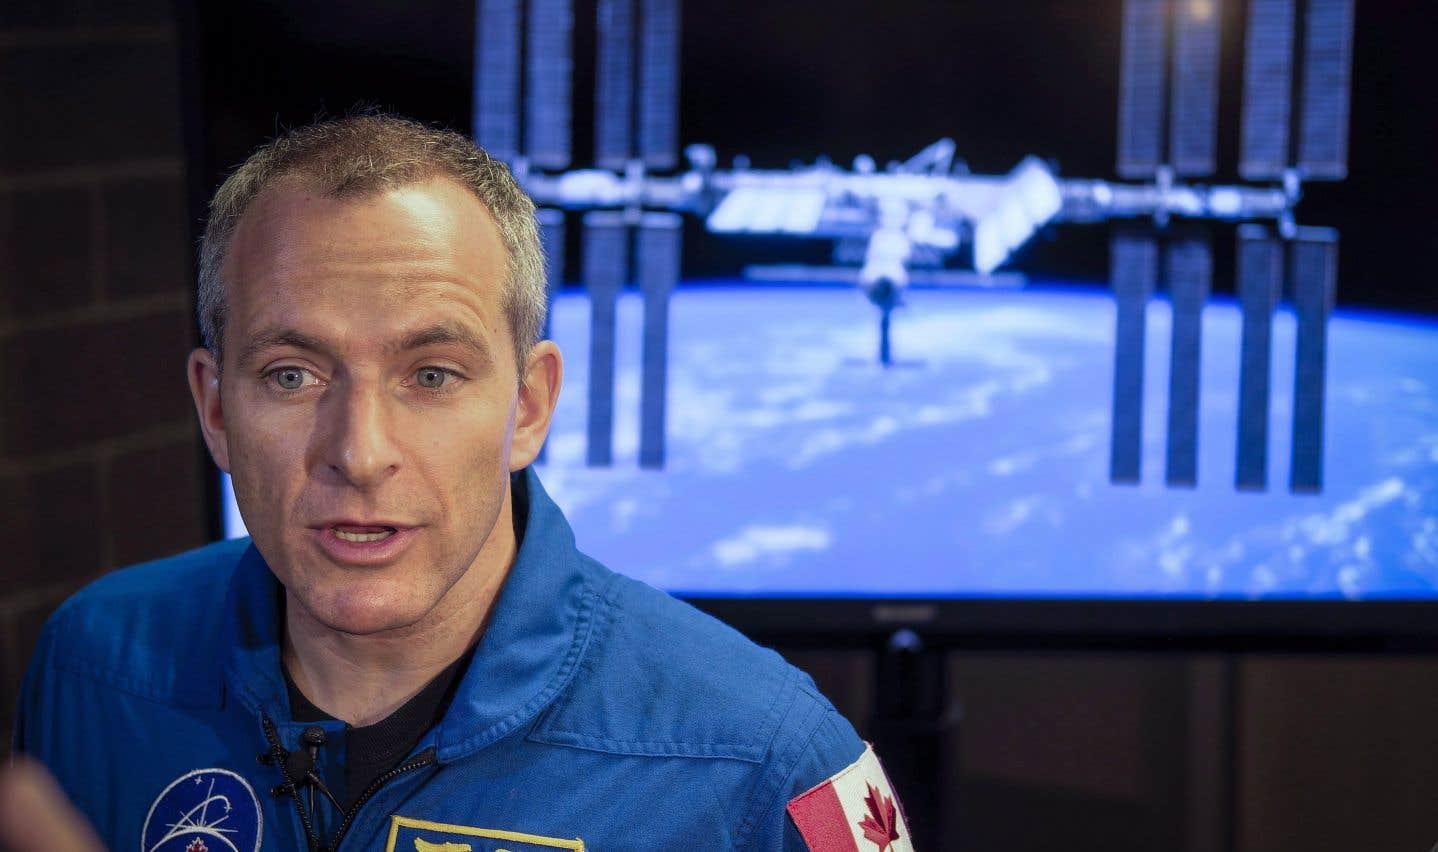 David Saint-Jacques sera copilote de la capsule russe Soyouz qui le transportera vers la Station spatiale internationale.